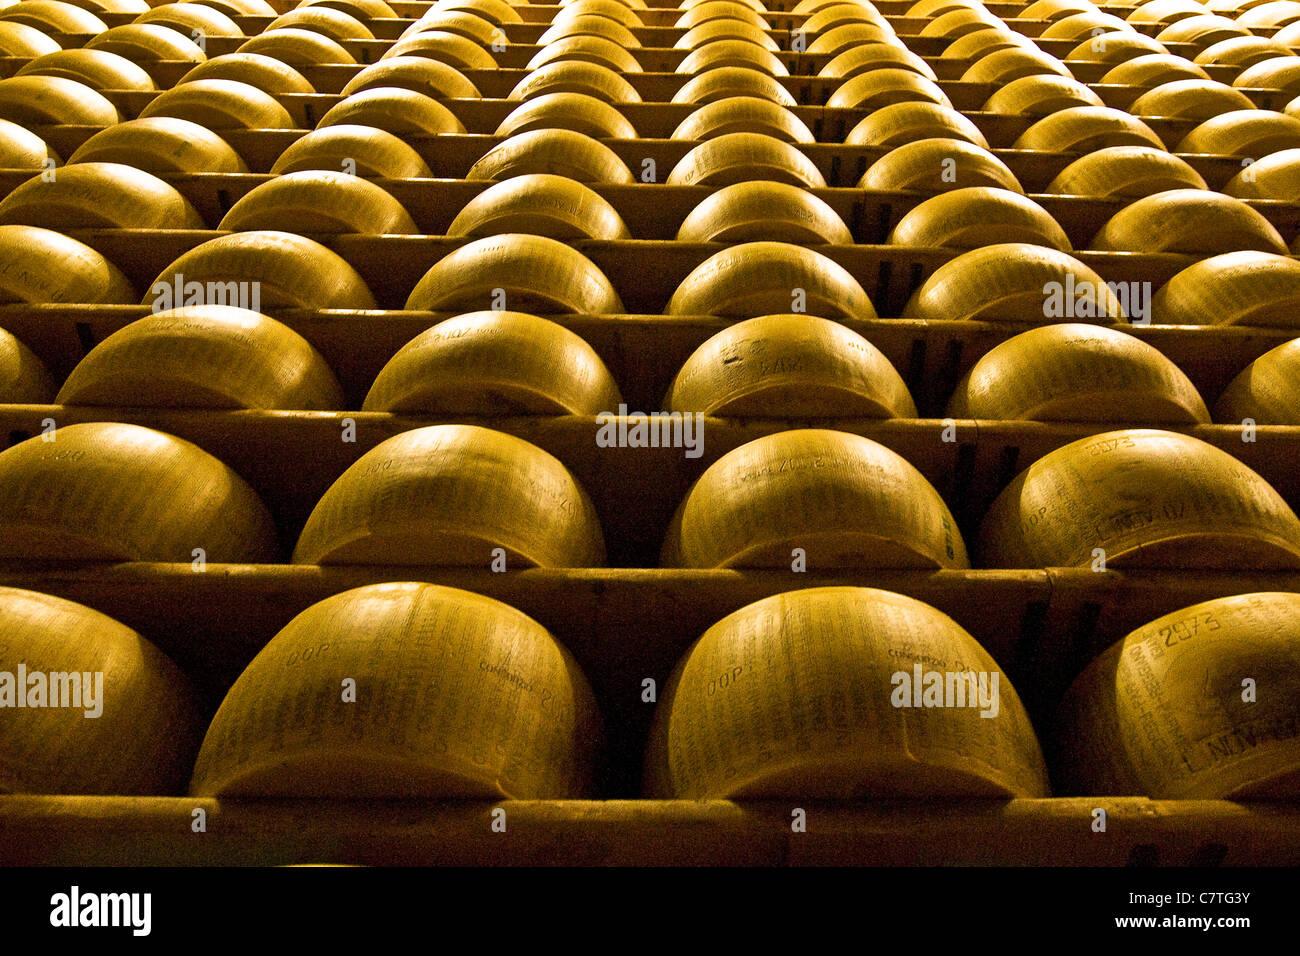 L'Italia, Emilia Romagna, Castelnovo Rangone. Il formaggio Parmigiano Reggiano nella stanza di deposito Immagini Stock